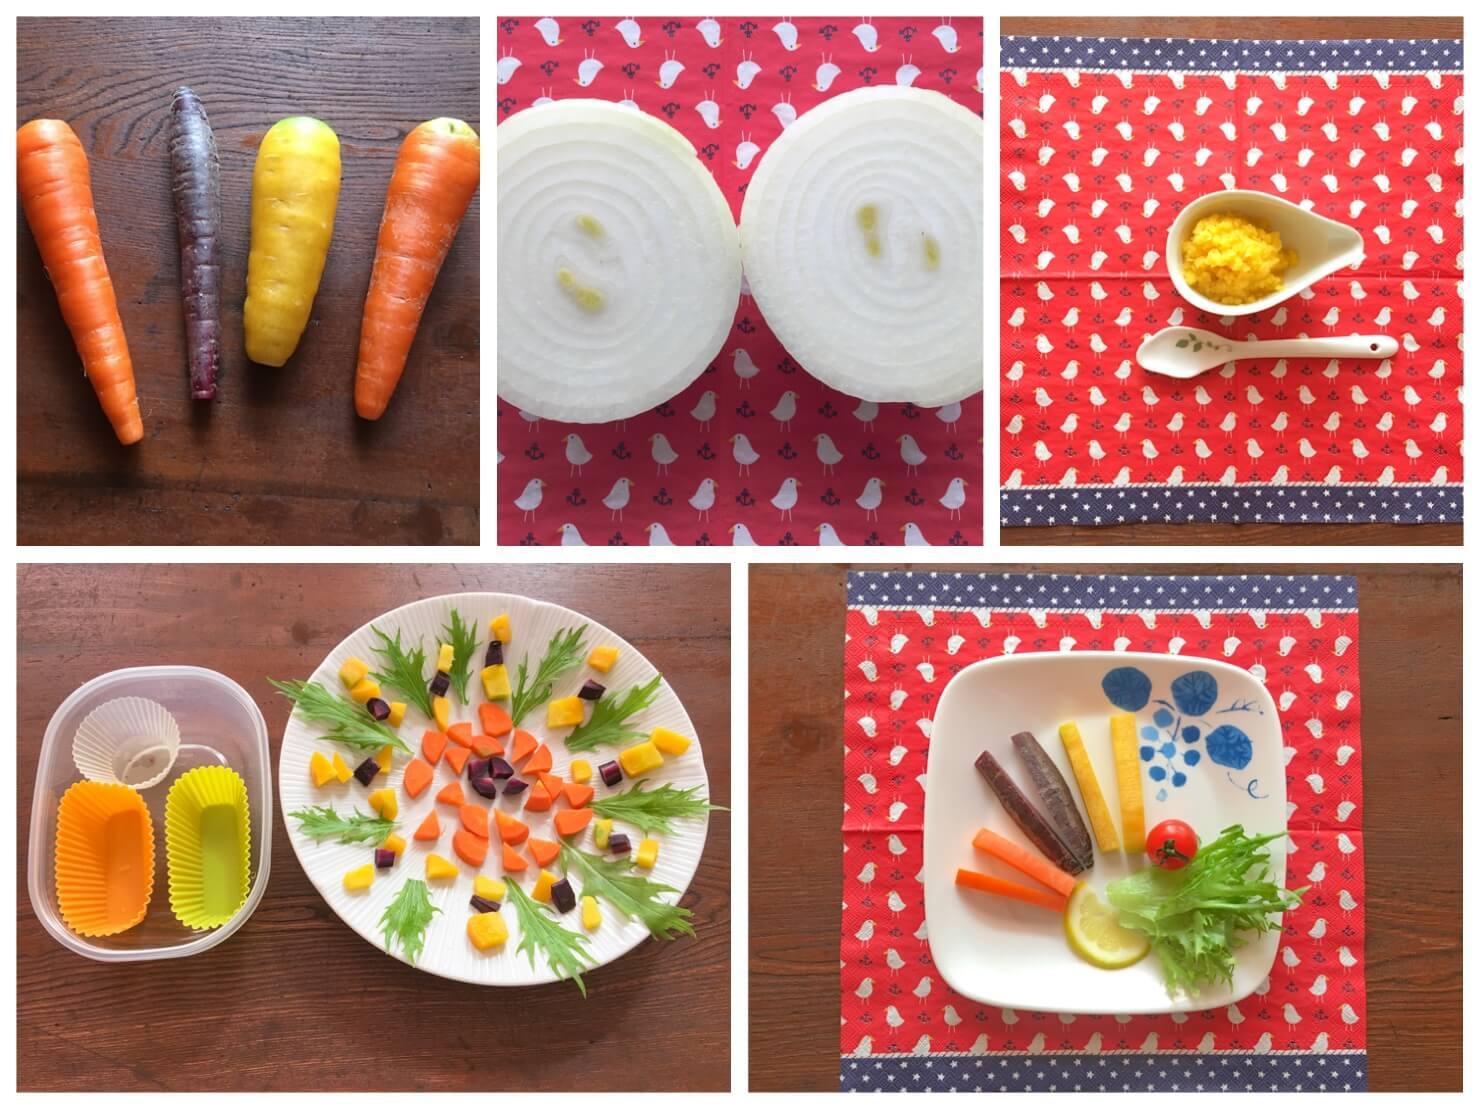 かわいい野菜料理の写真のコラージュ